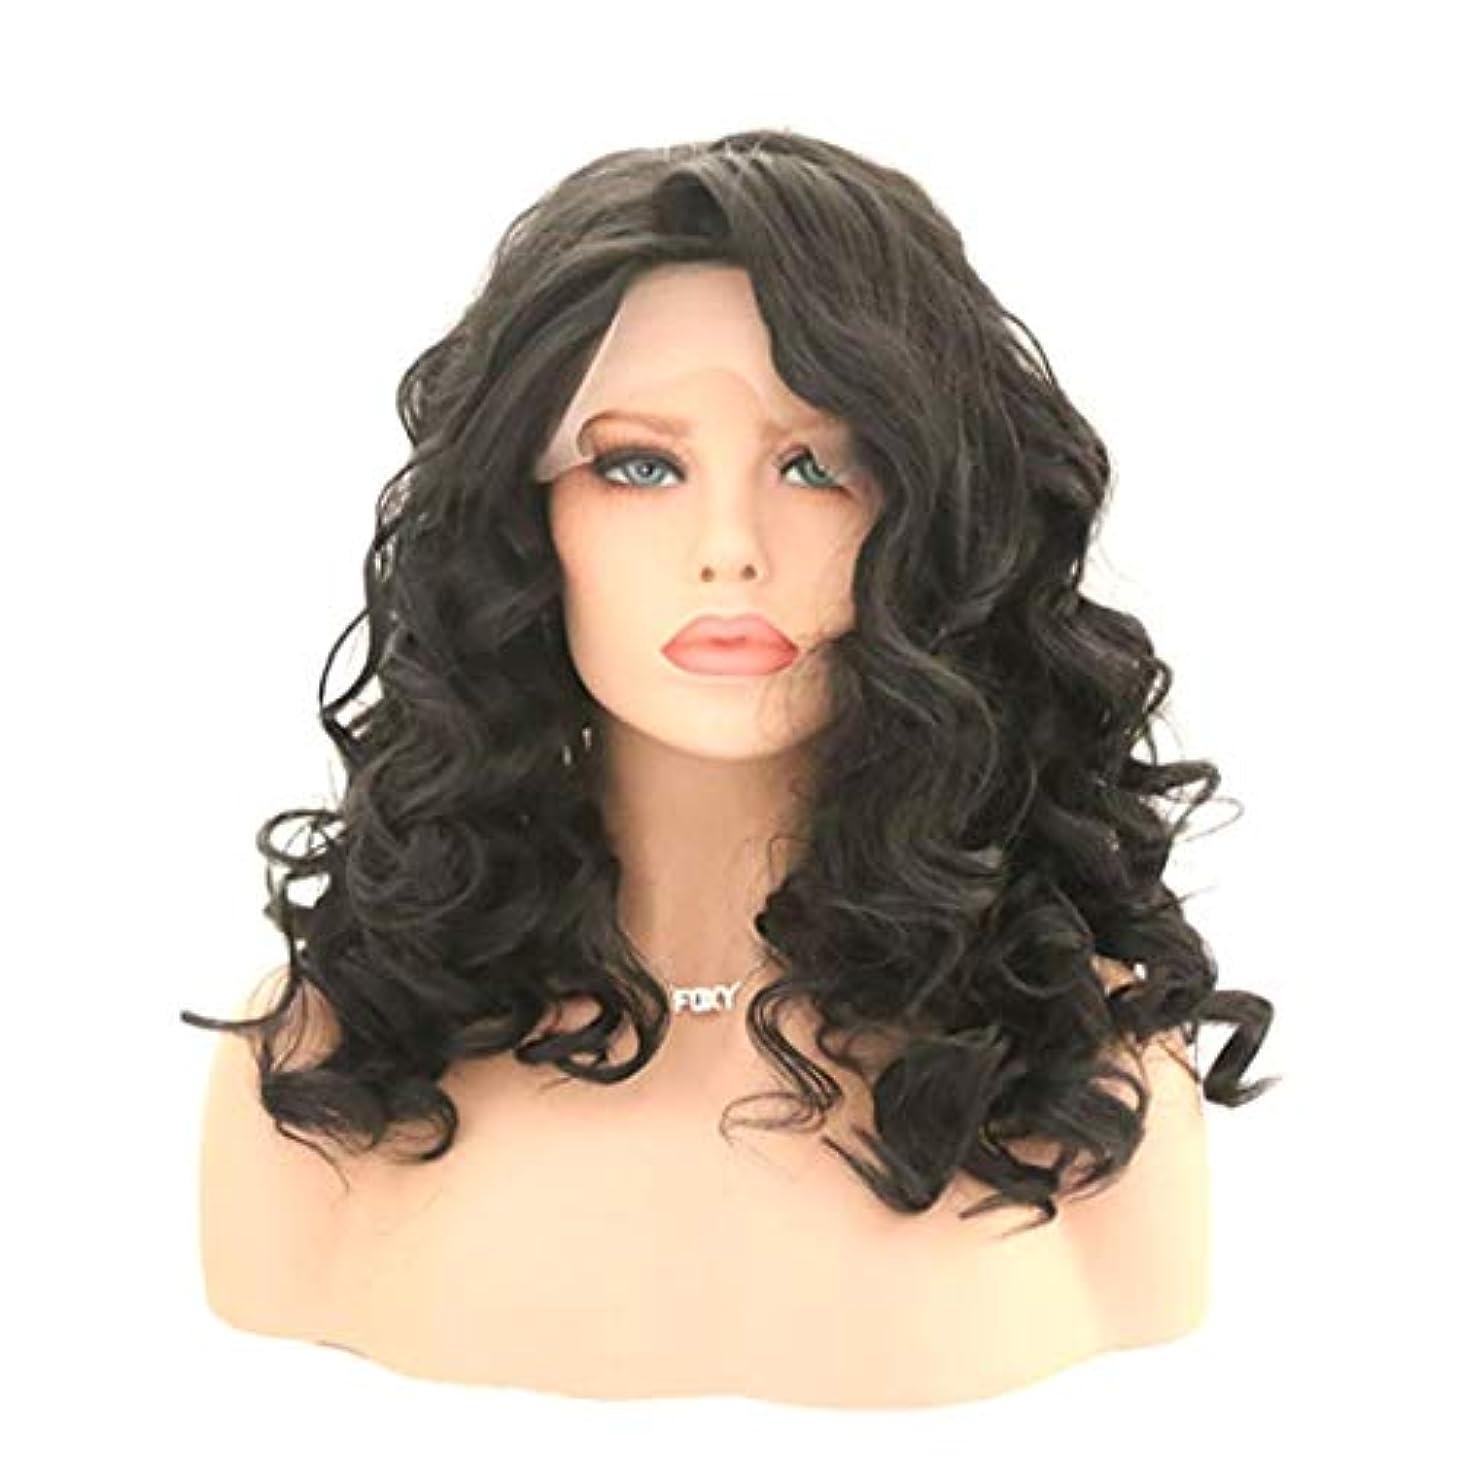 荒涼とした治療トラックSummerys 女性のためのカーリー波状かつら前髪付きかつら人工毛髪かつら自然なかつら (Size : 16 inches)